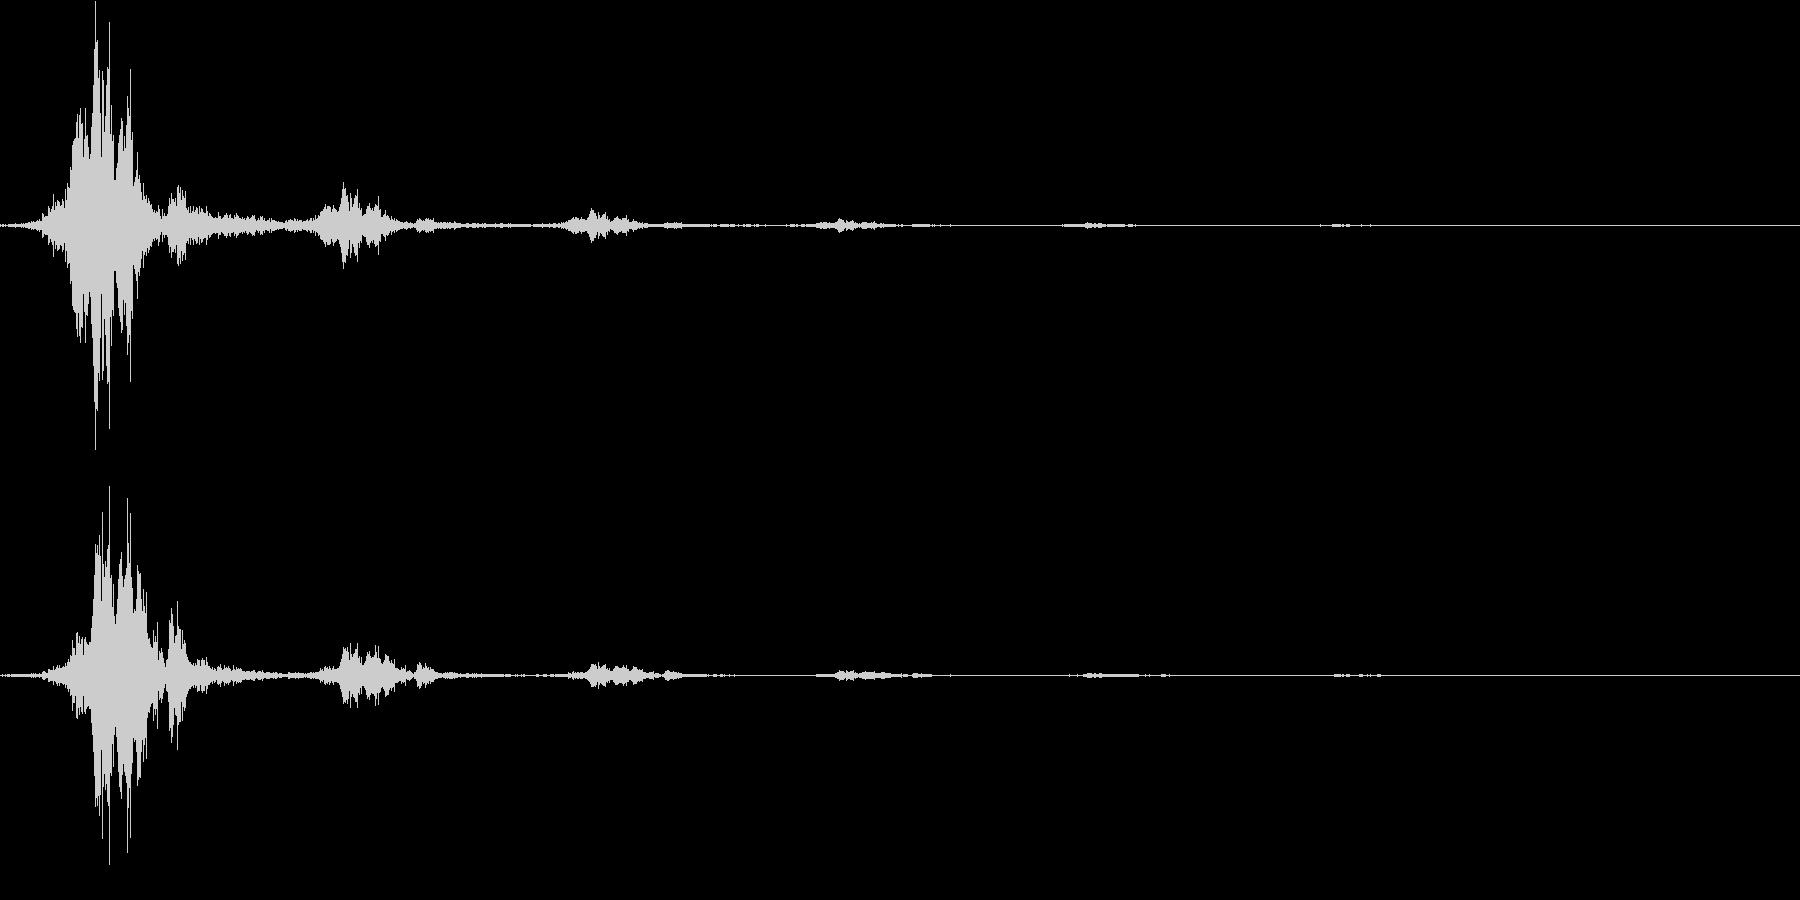 ジャンプ(エコー入り)の未再生の波形